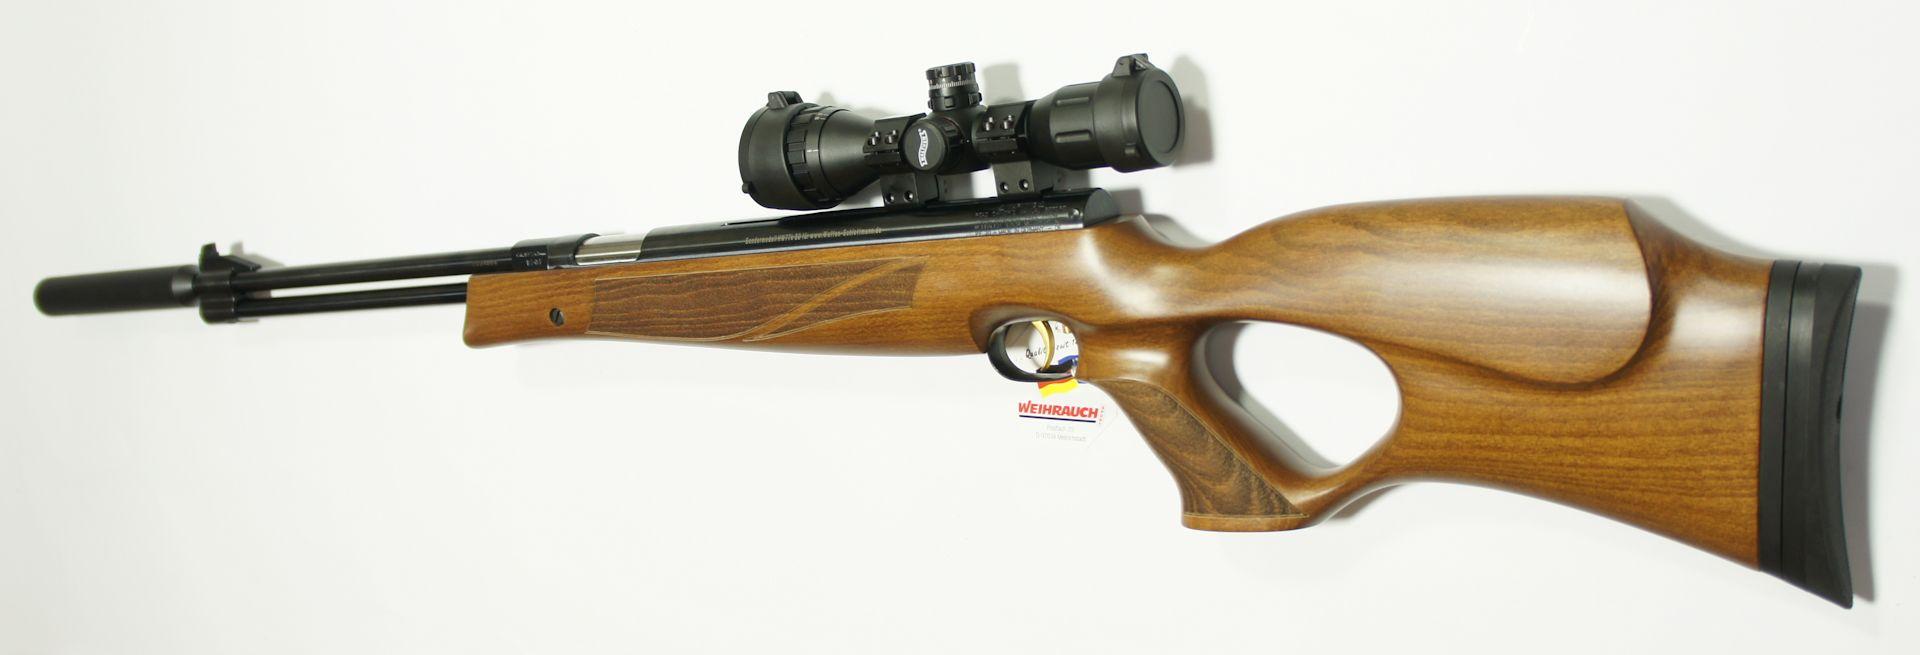 Luftgewehr HW 77 verstellbarer Lochschaft  mit Zielfernrohr, Laufgewinde und Schalldämpfer von vorne